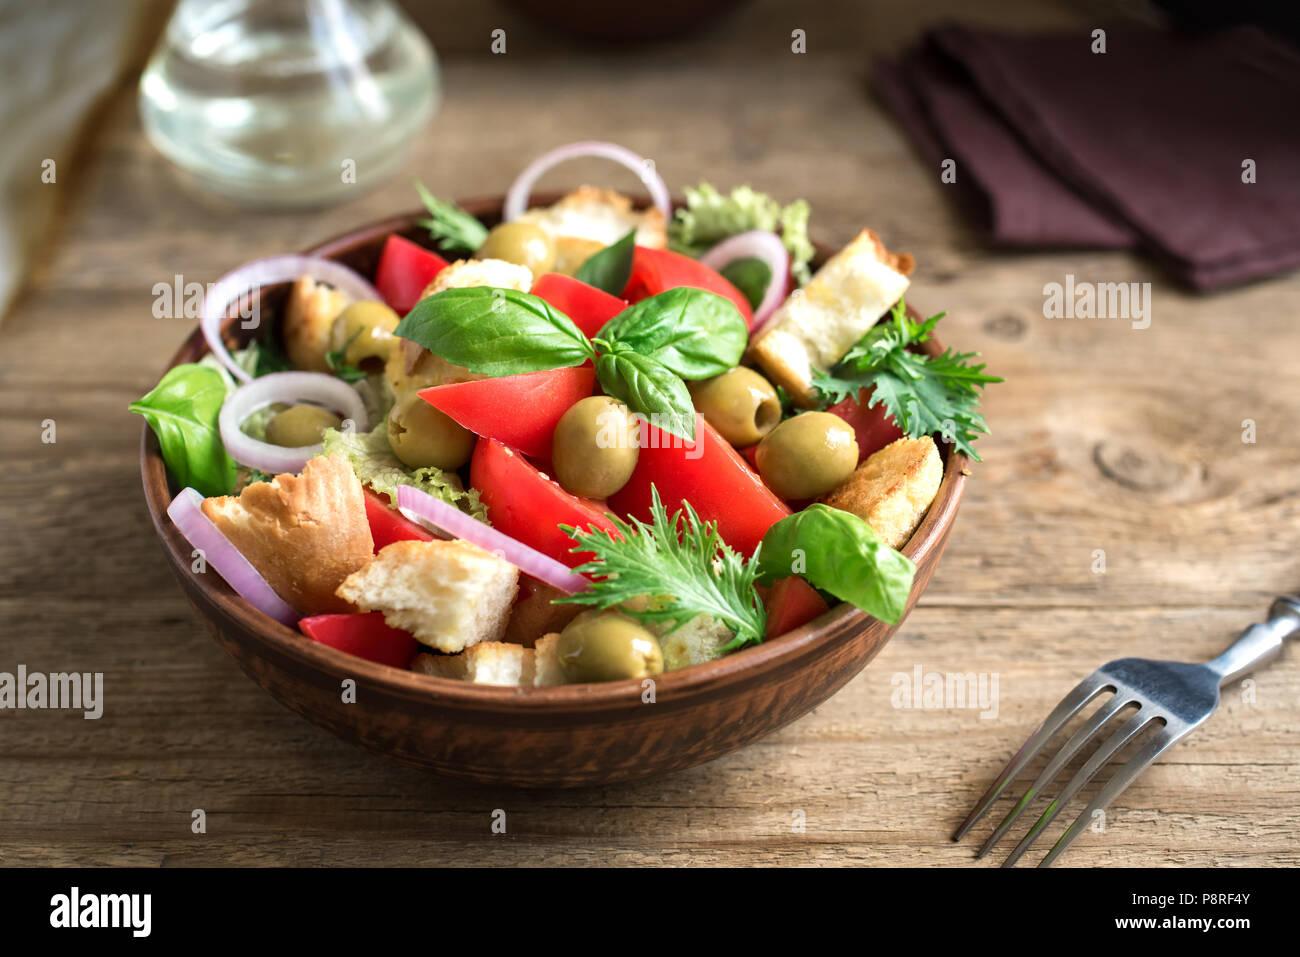 Panzanella Ensalada de tomate con tomates cherry, albahaca y pedacitos de pan ciabatta. Alimentos saludables de verano - ensalada panzanella, copie el espacio. Imagen De Stock